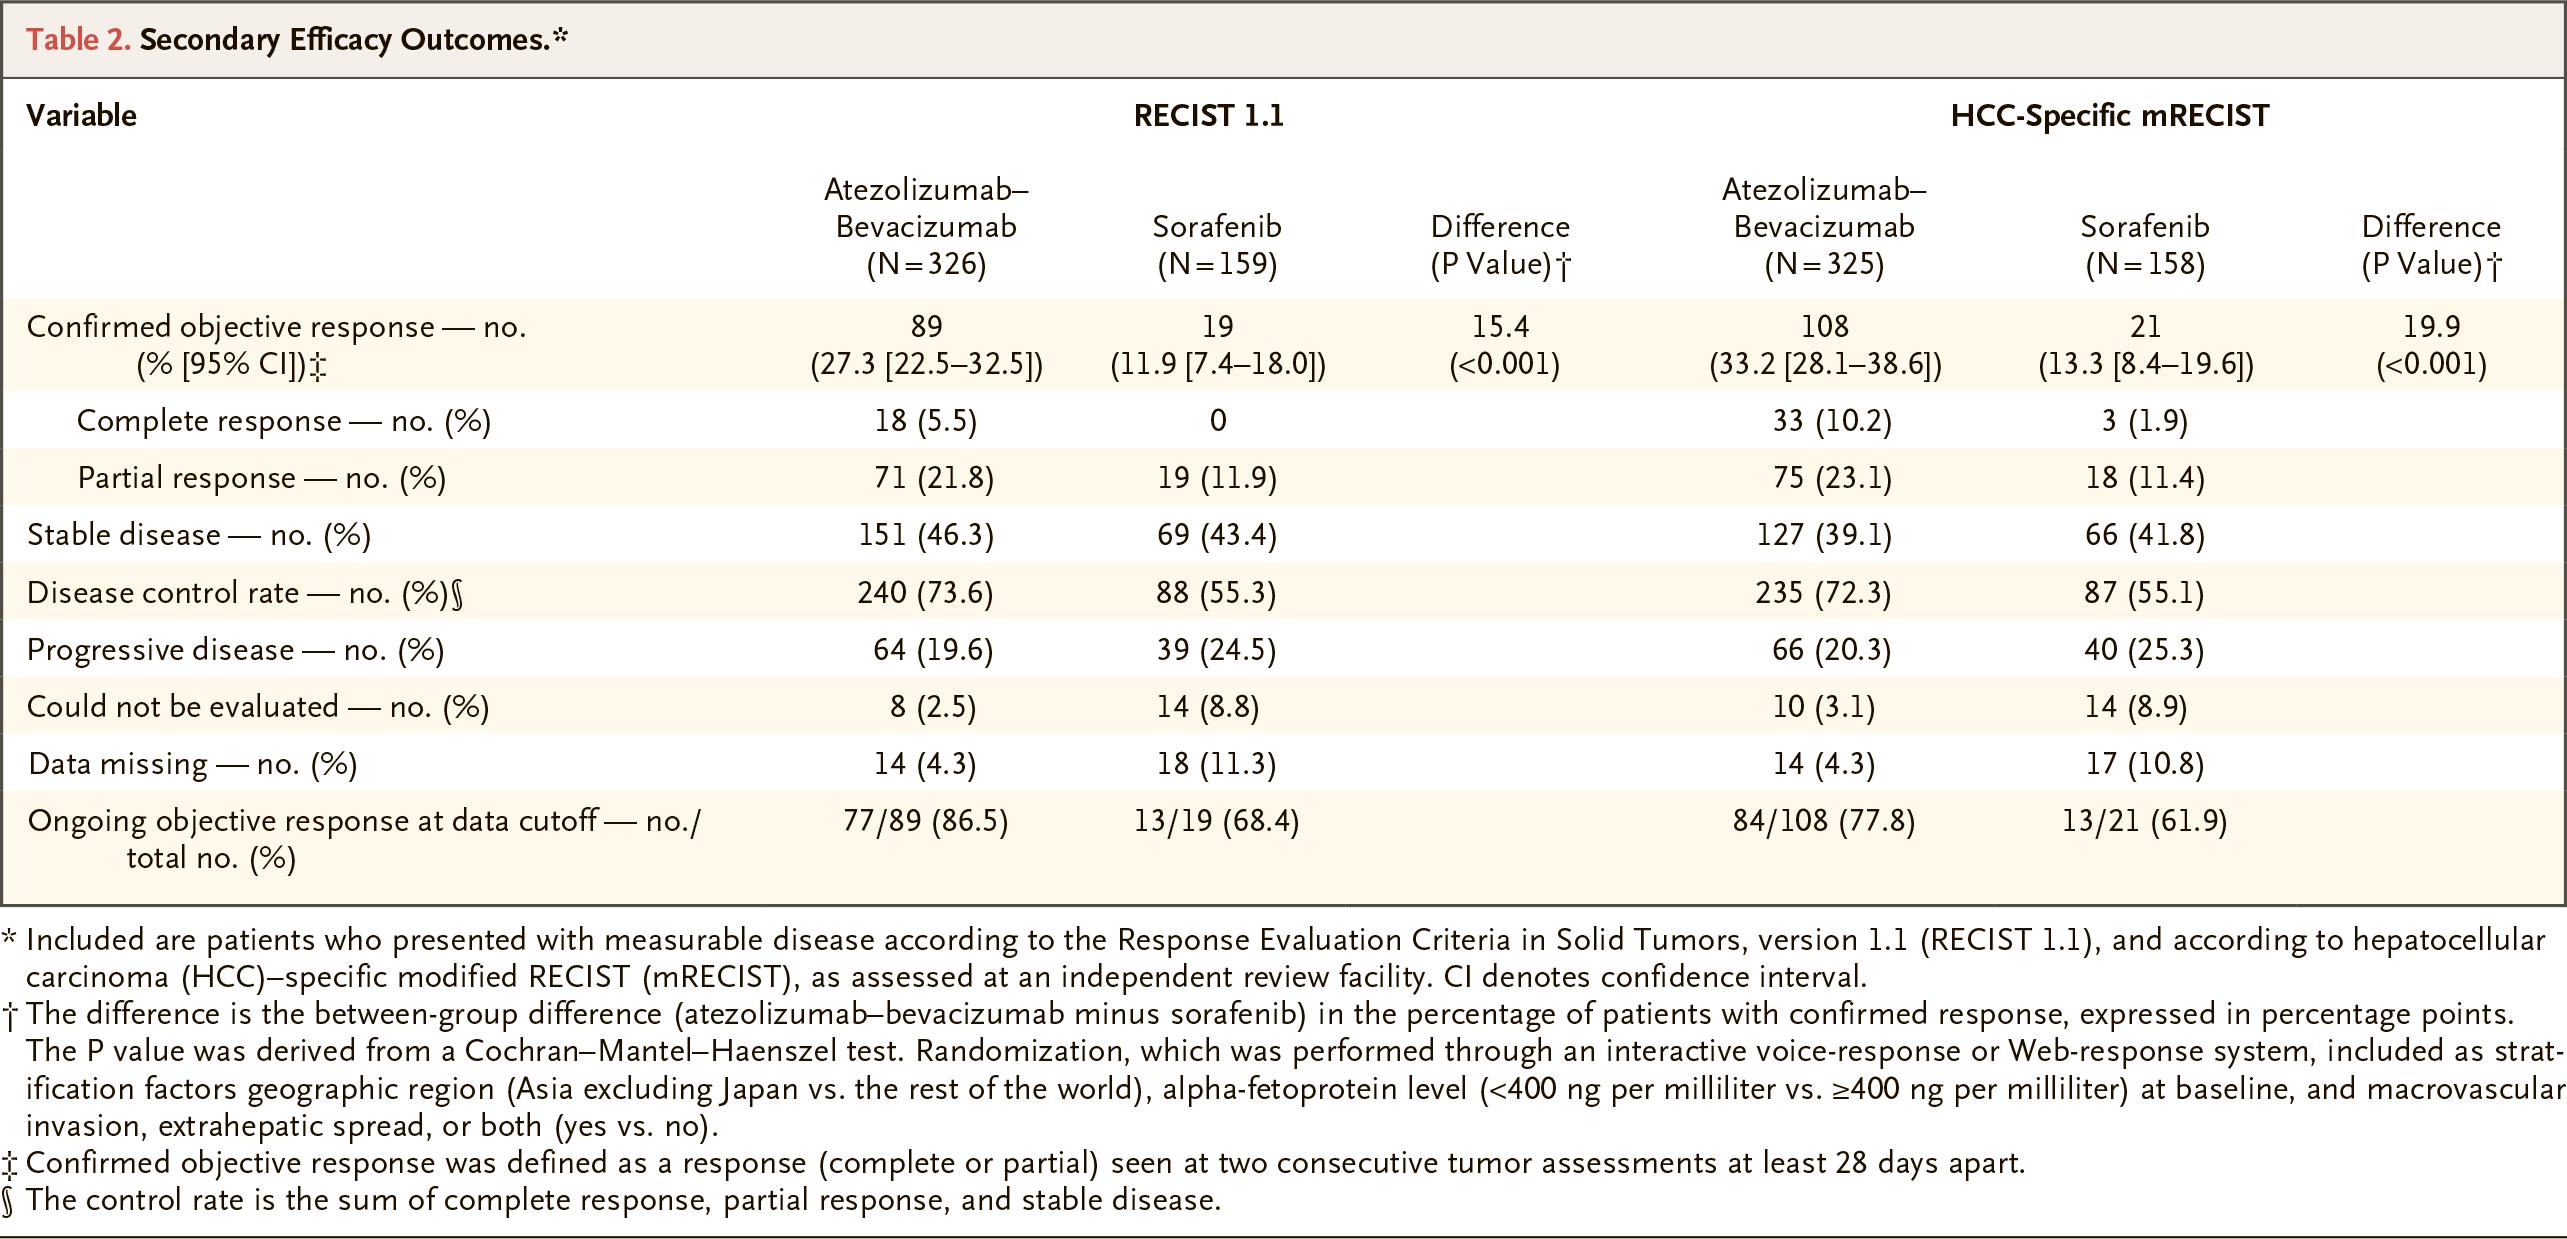 nct03434379 results 03 - «Тецентрик» плюс «Авастин»: иммуноонкологическое лечение гепатоцеллюлярной карциномы